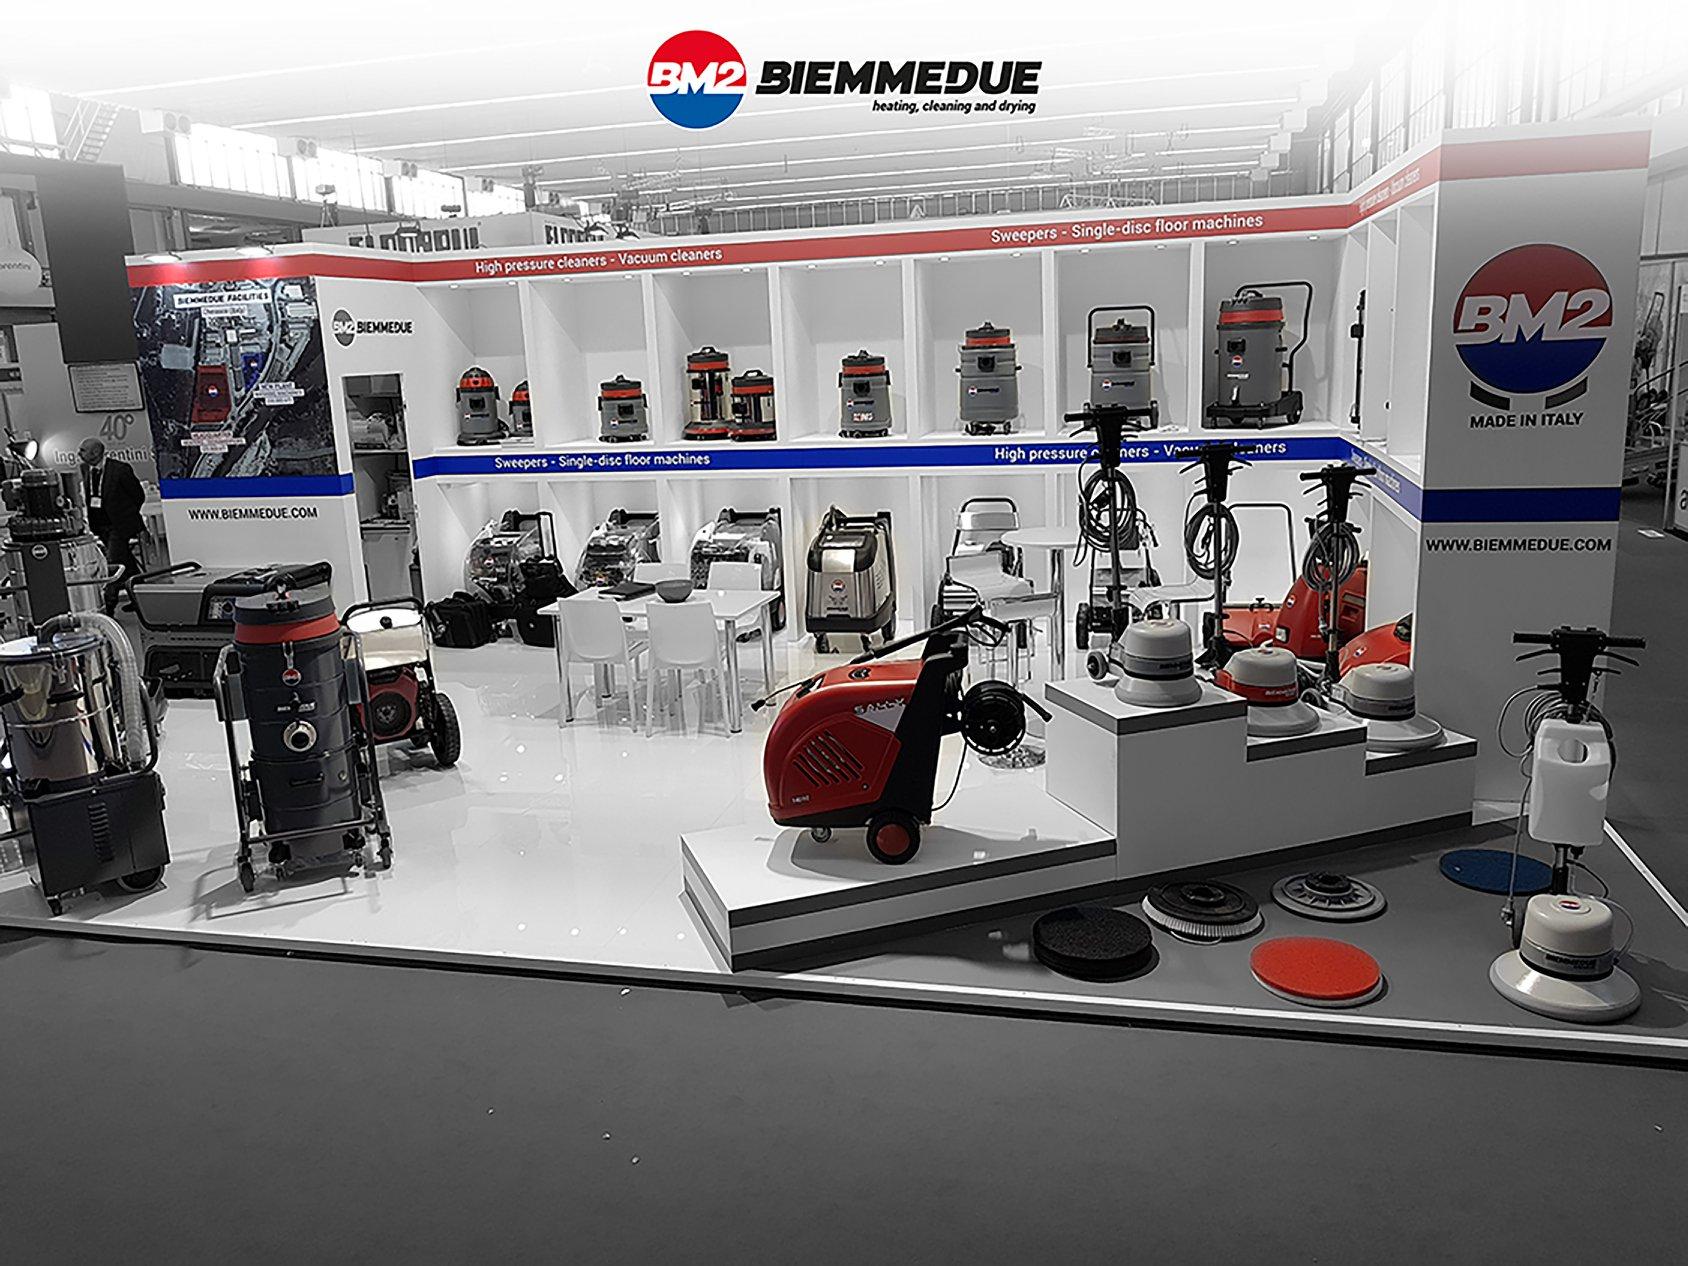 Un sentito ringraziamento a tutti coloro che hanno visitato lo stand Biemmedue in occasione della fiera ISSA INTERCLEAN 2018 ad Amsterdam. ------------------------------------------ Our sincere thanks for your visit at the Biemmedue stand in the ISSA INTERCLEAN 2018 exhibition in Amsterdam